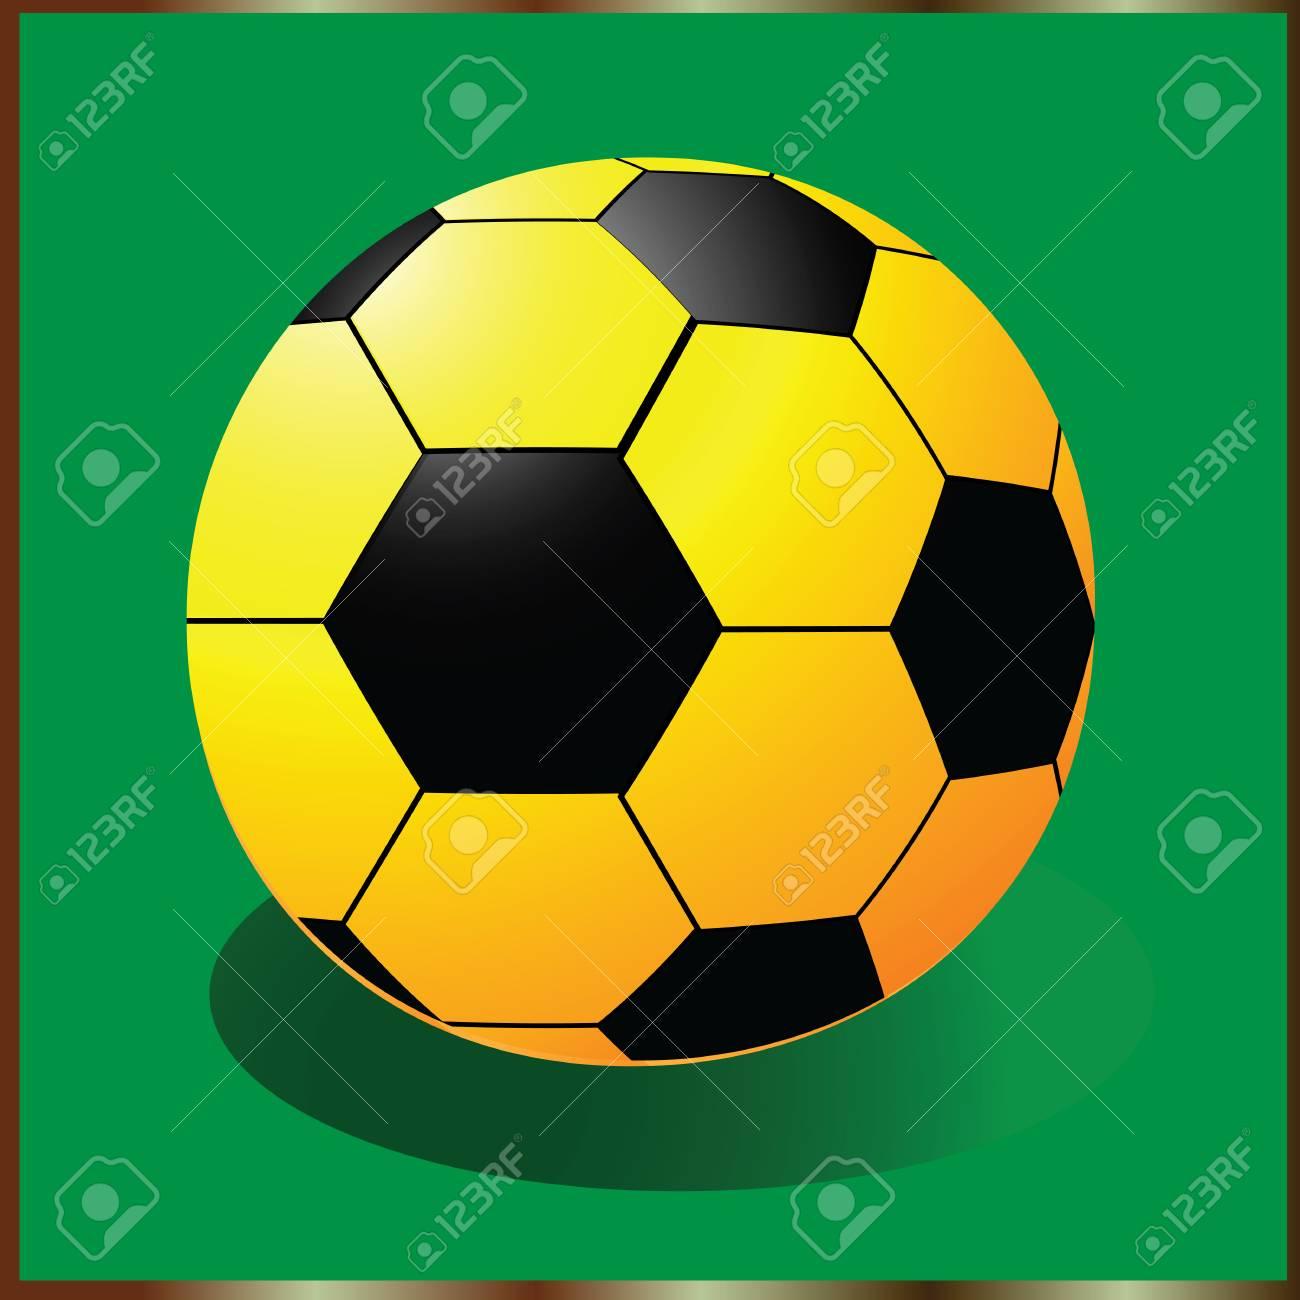 c3d88046534df Icono De Balón De Fútbol Con Negro Y Amarillo Ilustraciones ...